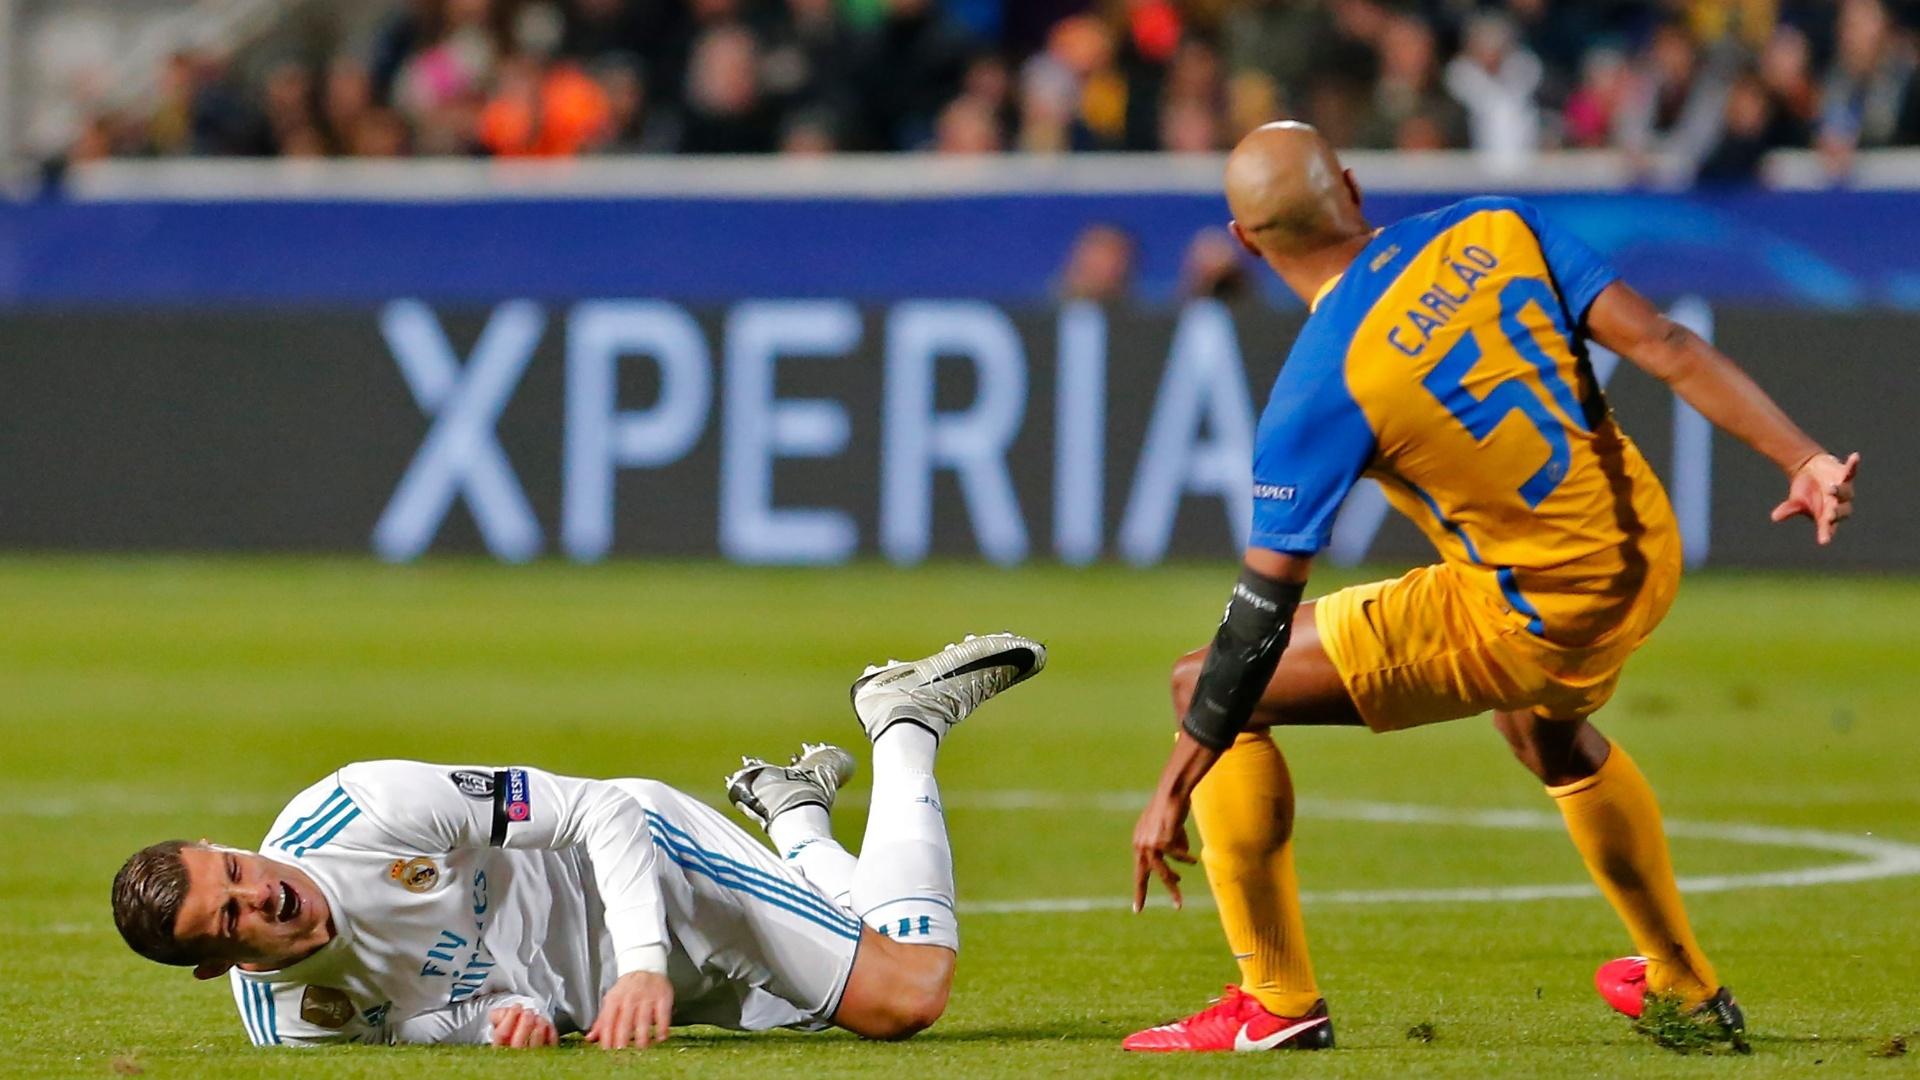 Carlão faz falta em Cristiano Ronaldo no duelo entre Apoel e Real Madrid